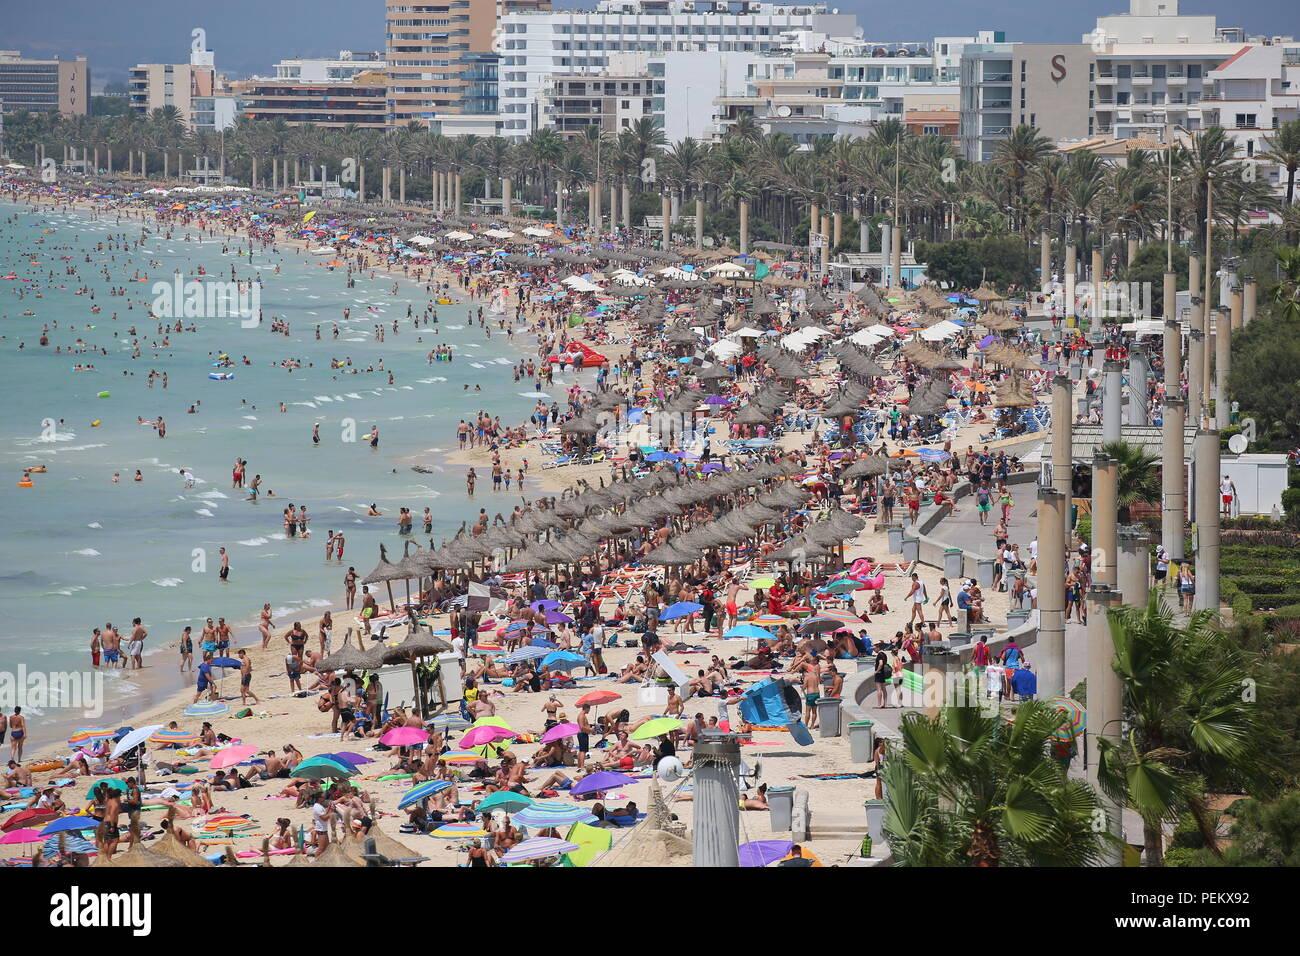 Allgemeine Ansicht über das touristische Strand von El Arenal auf der spanischen Insel Mallorca. Stockfoto